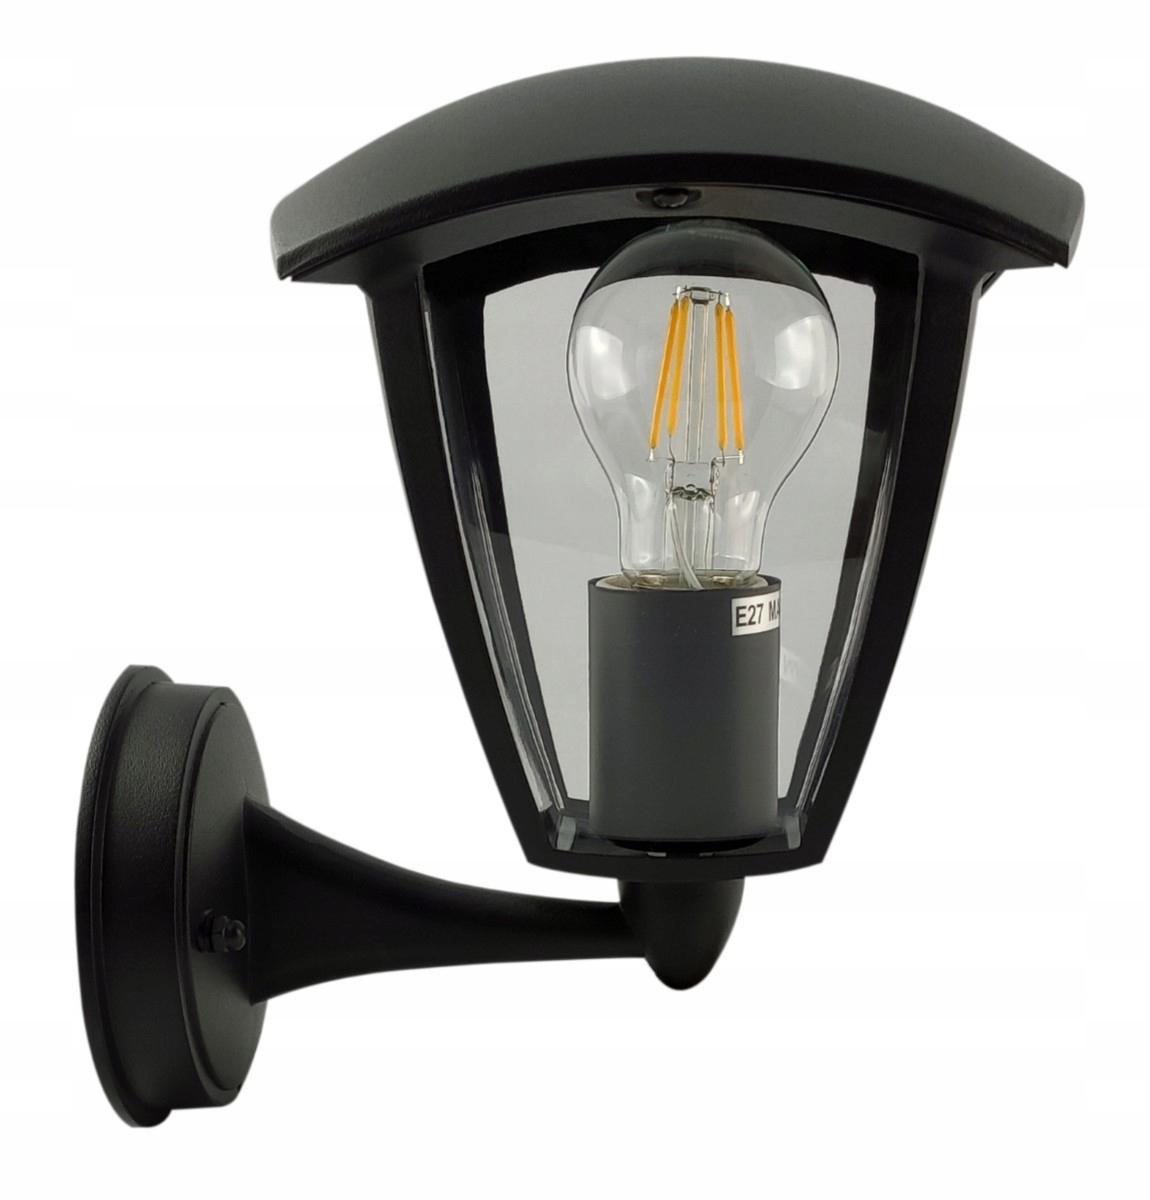 Vonkajšie podkrovné retro fasádne nástenné svietidlo pre LED